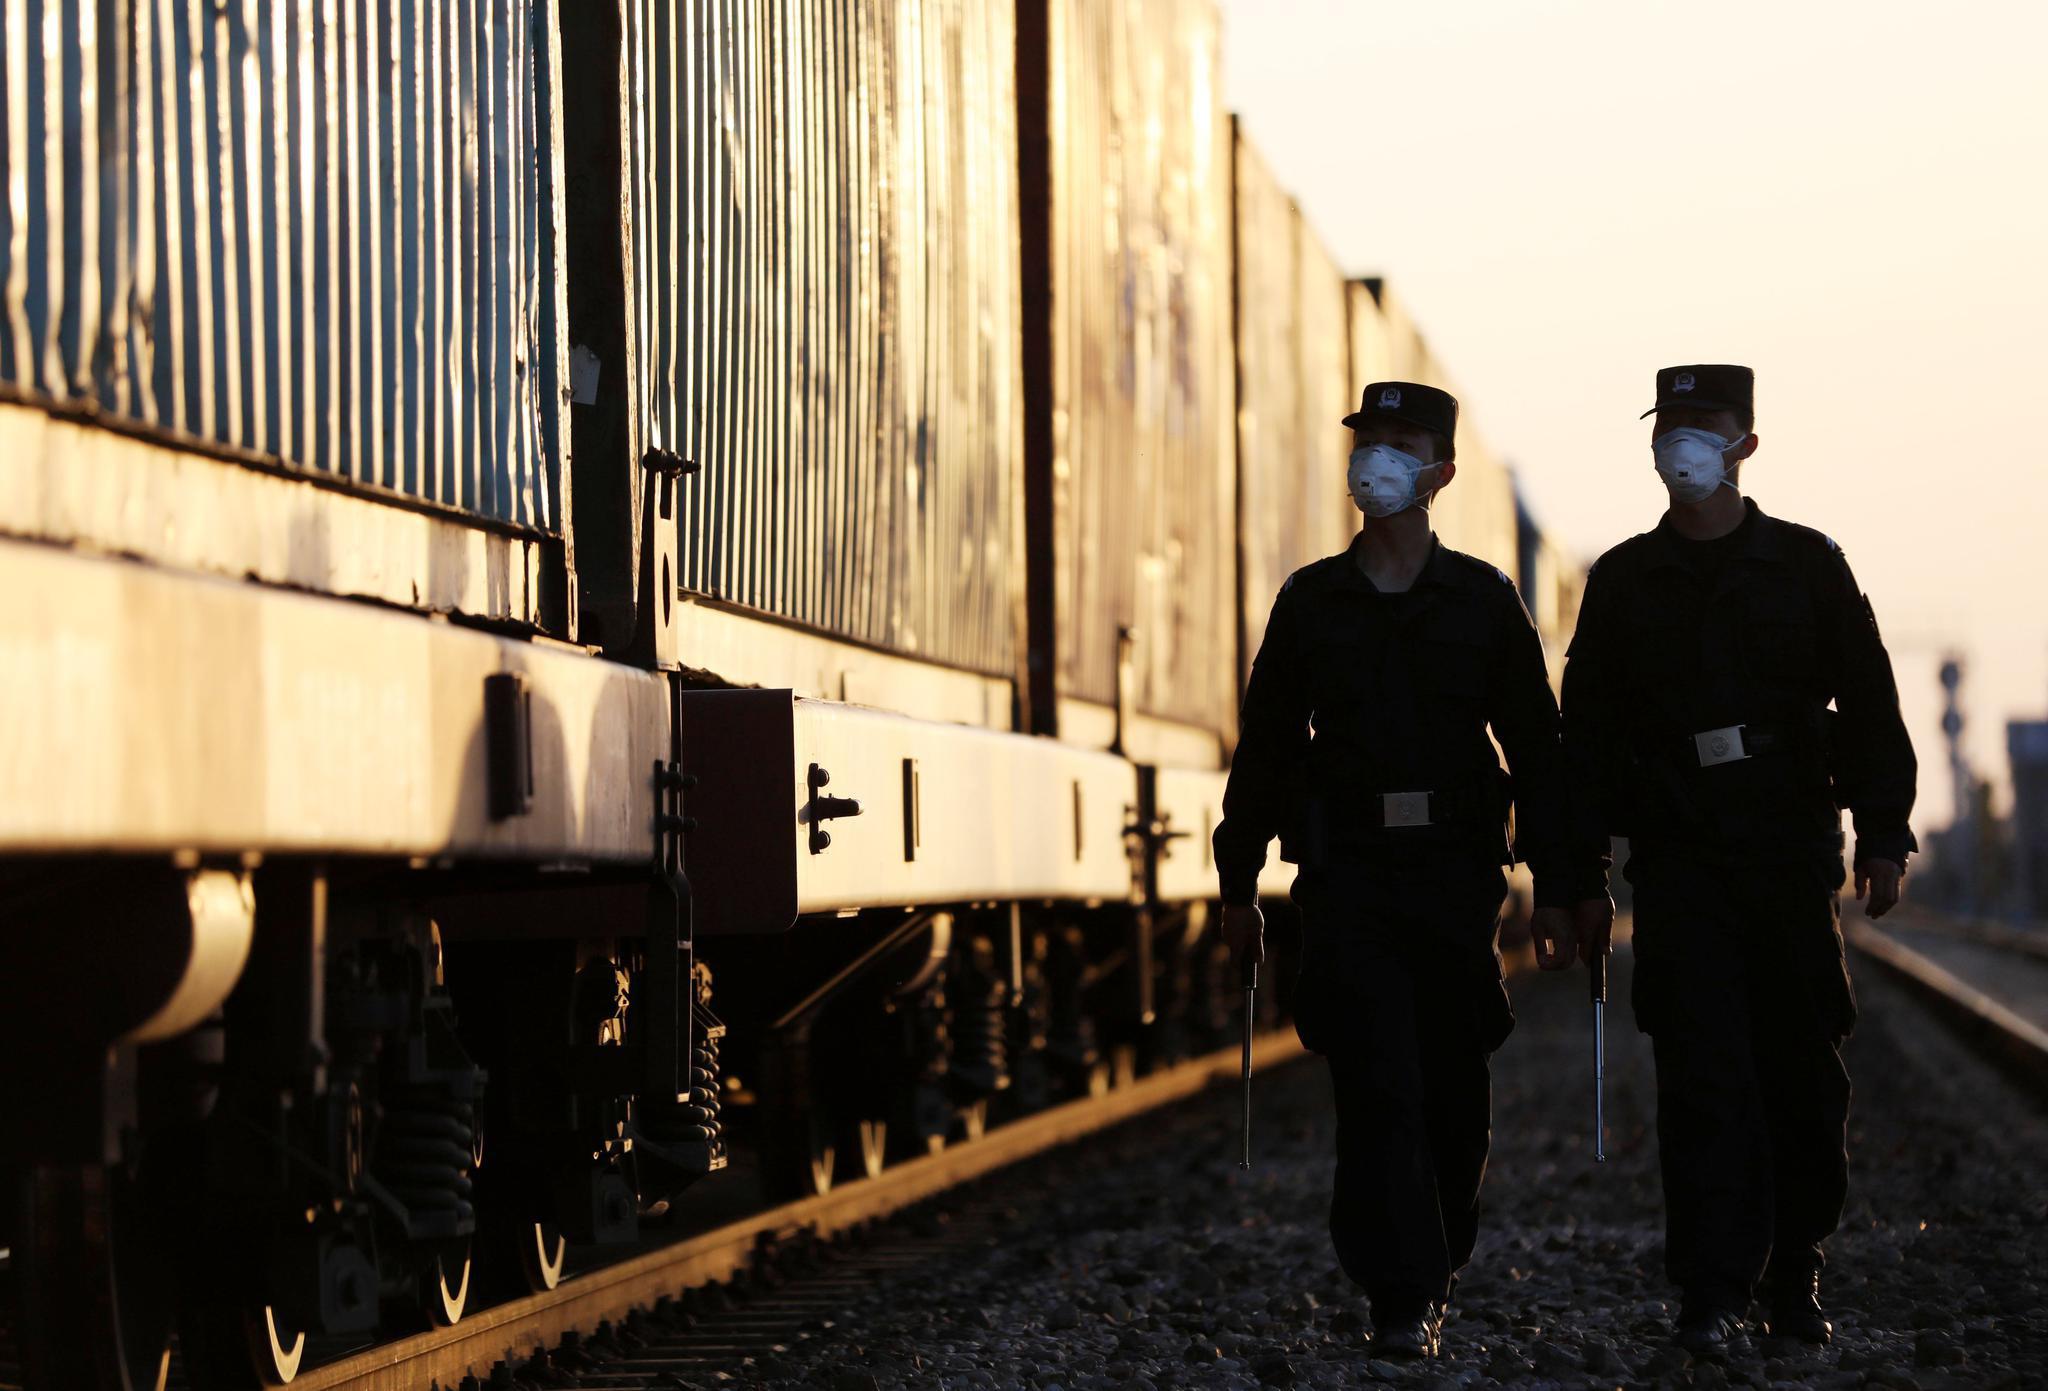 新疆霍尔果斯中欧(中亚)班列货运量增长超五成